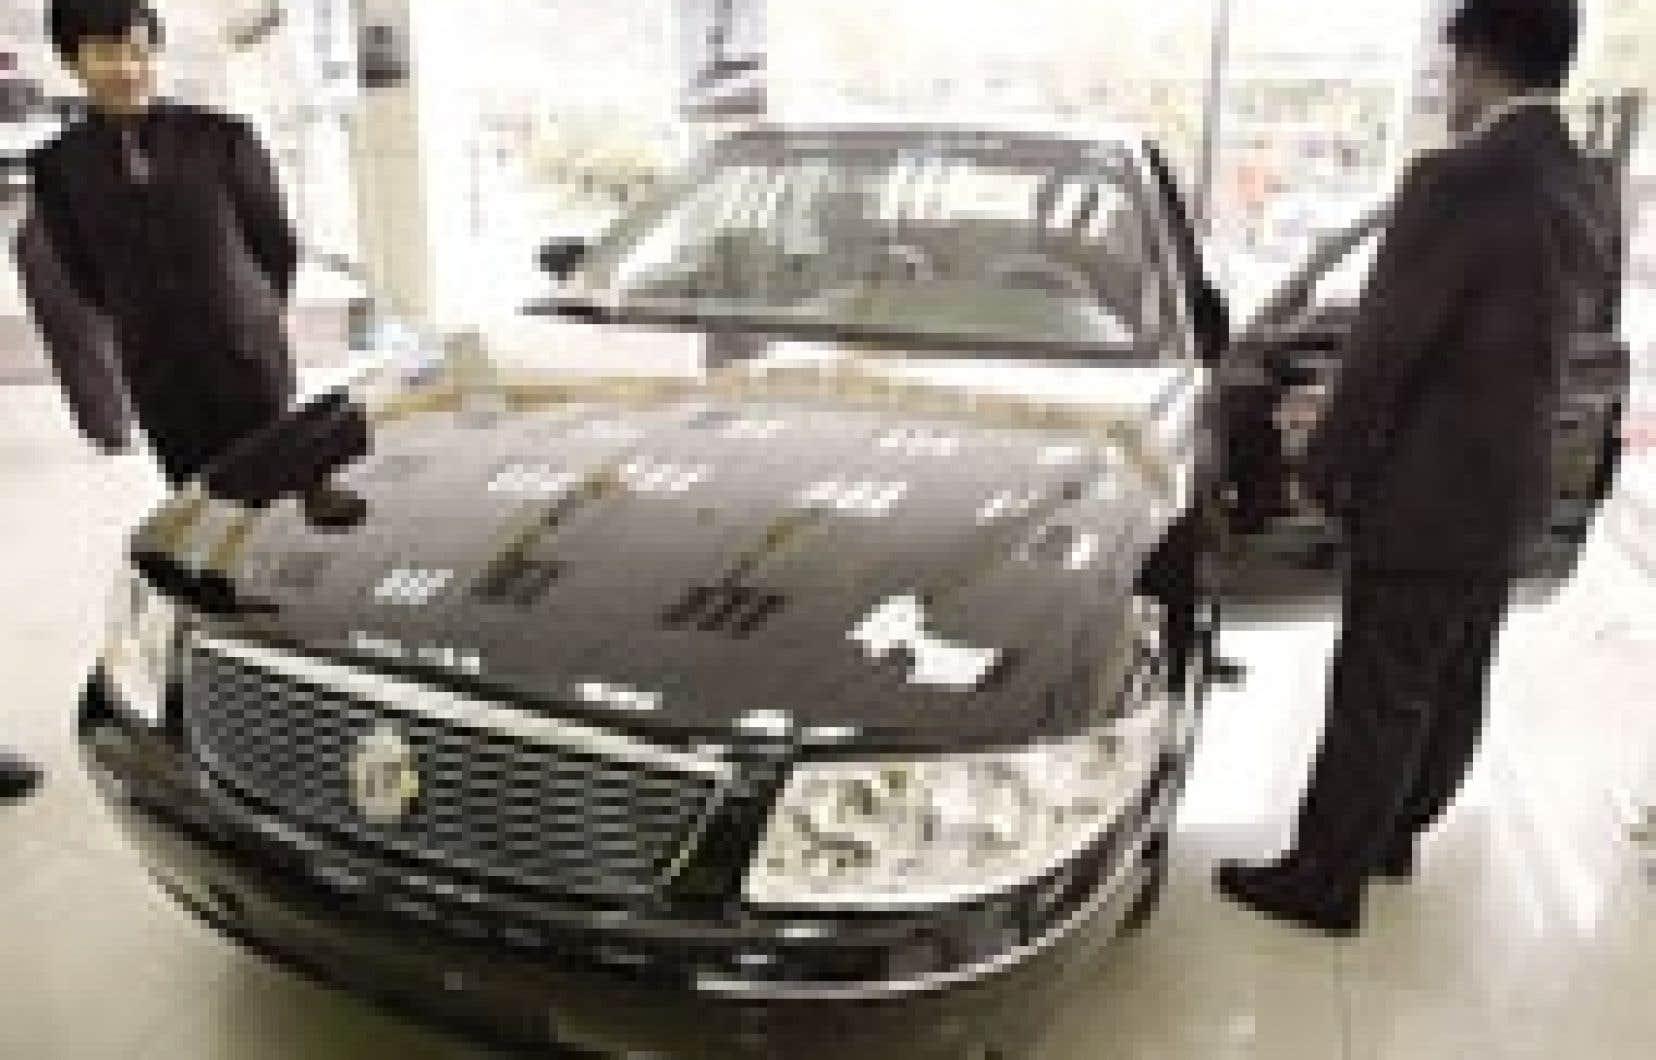 Des acheteurs chinois examinent un modèle de GM. Le constructeur automobile éprouve des difficultés en Asie, ce qui l'empêche de compenser les effets de la crise en Amérique du Nord.